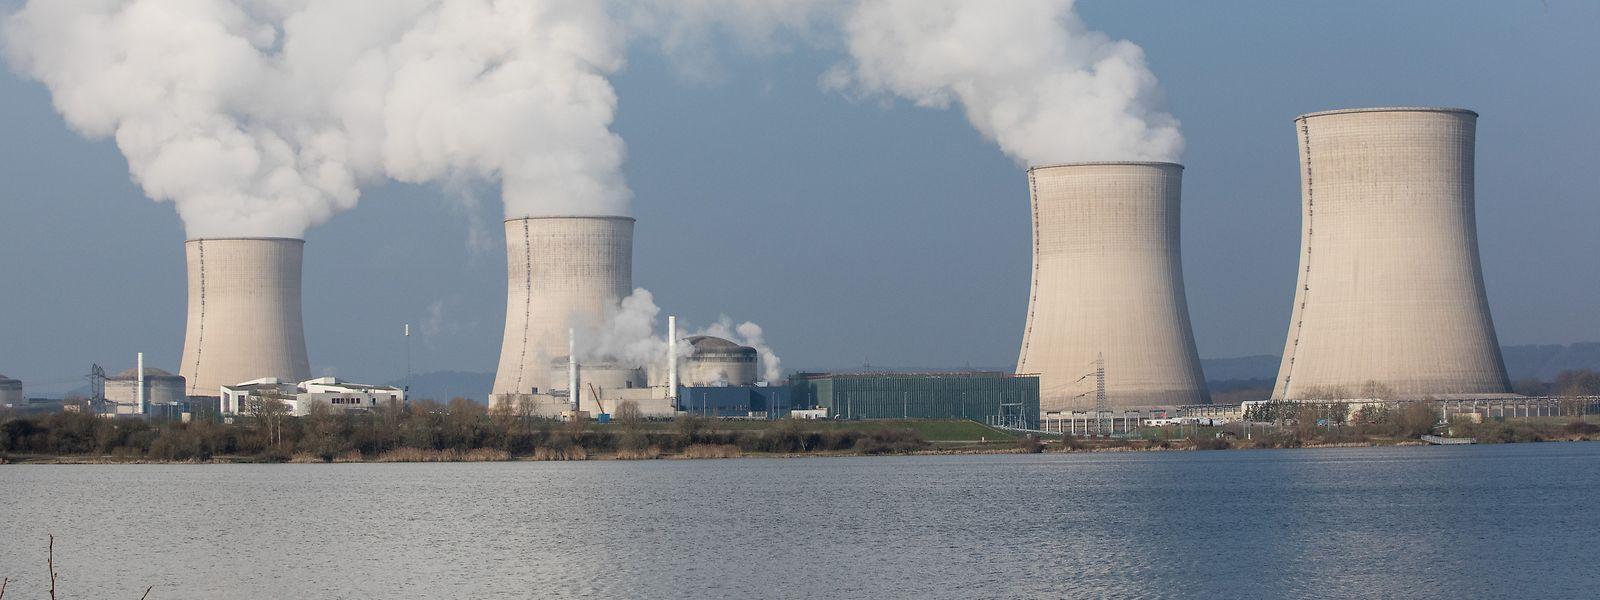 in Frankreich will die Atomaufsicht die Laufzeit der ältesten AKW von 40 auf 50 Jahre verlängern.Bedingung ist die Reparatur von insgesamt 32 Atommeilern.